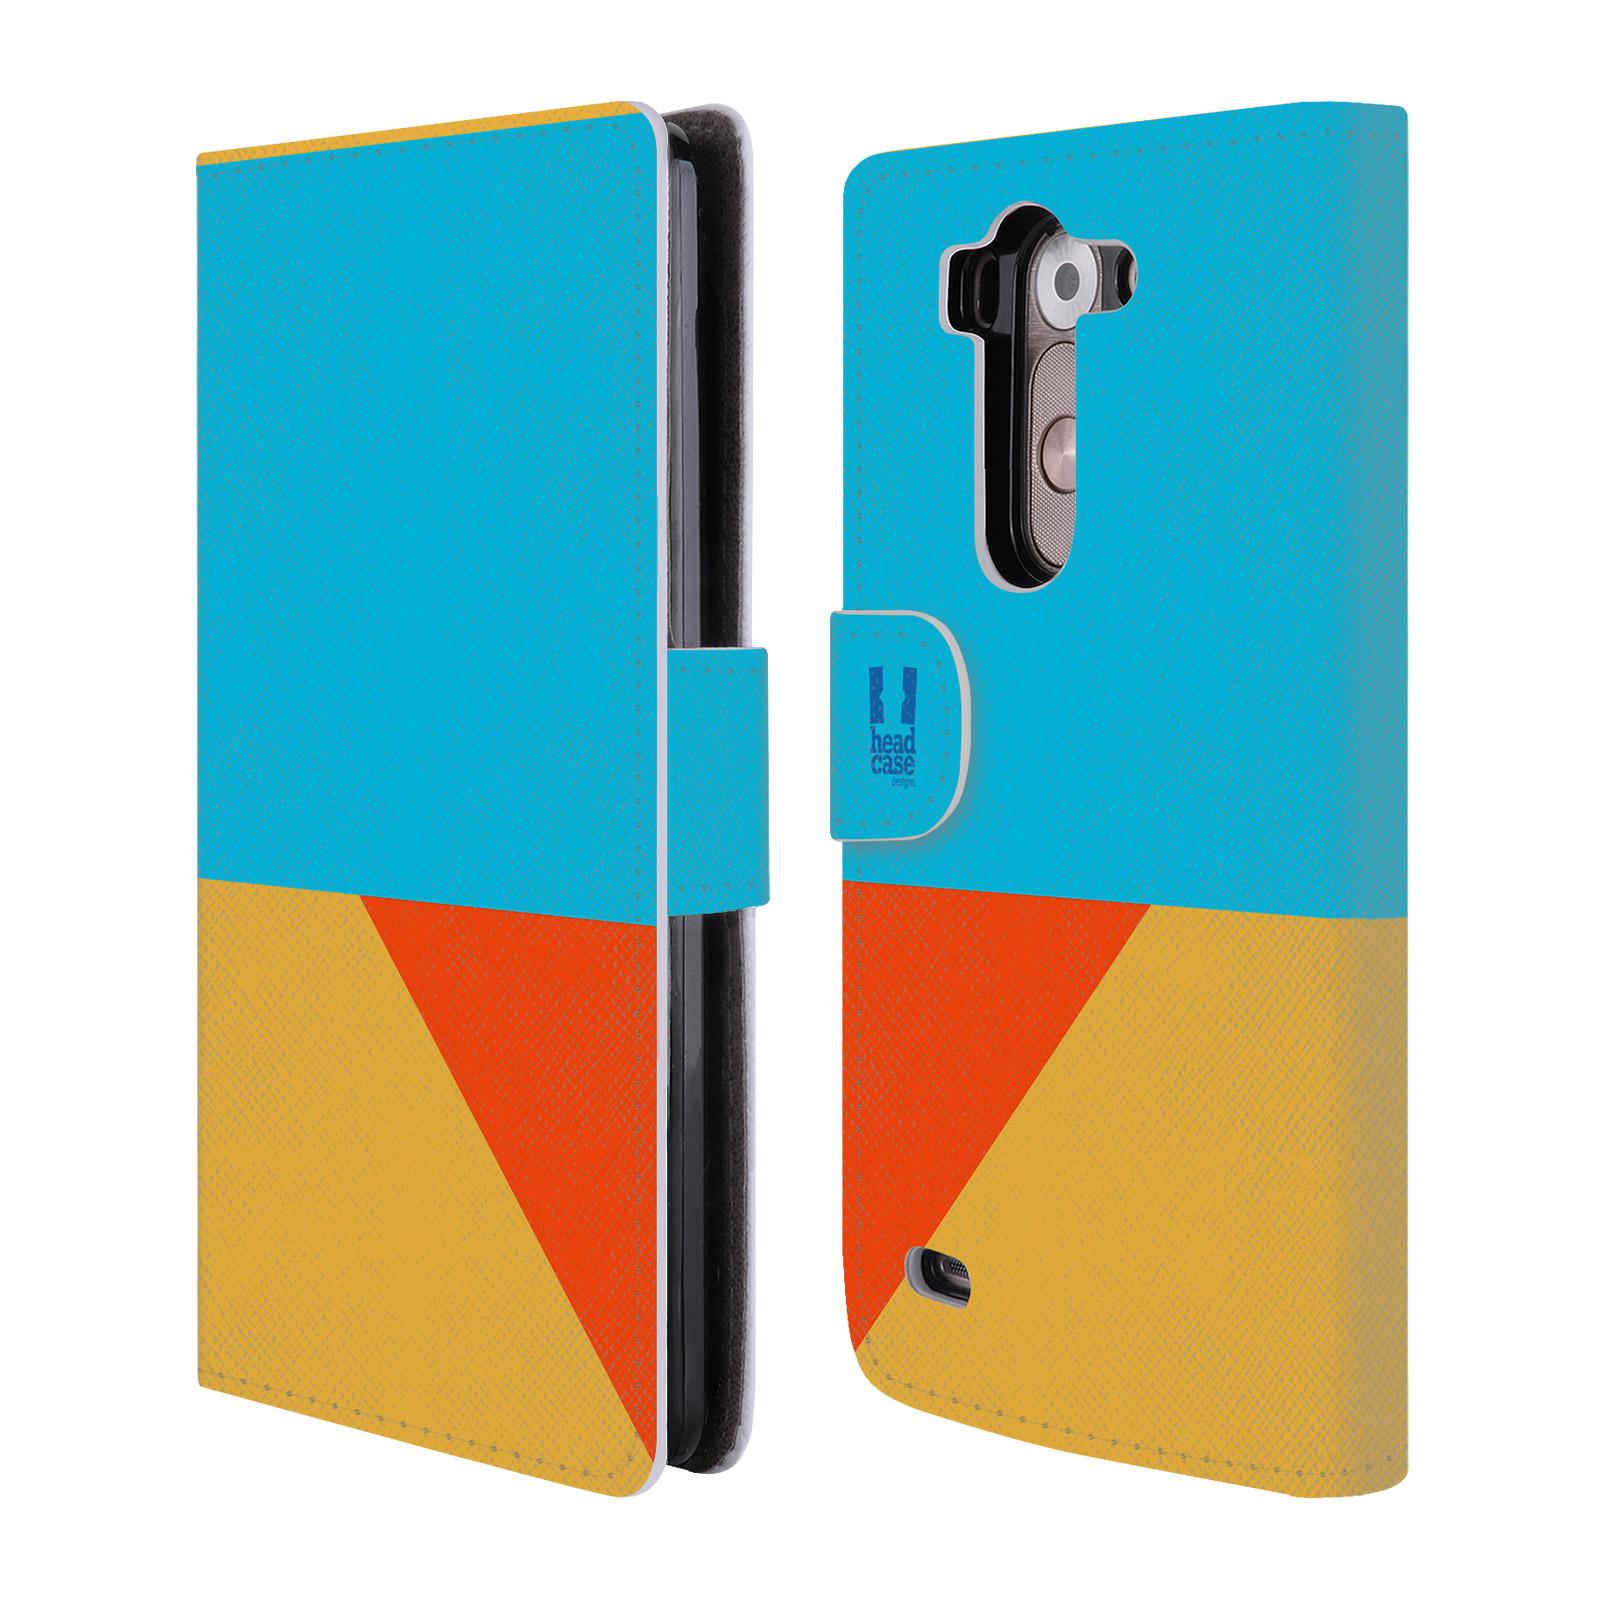 HEAD CASE Flipové pouzdro pro mobil LG G3s barevné tvary béžová a modrá DAY WEAR